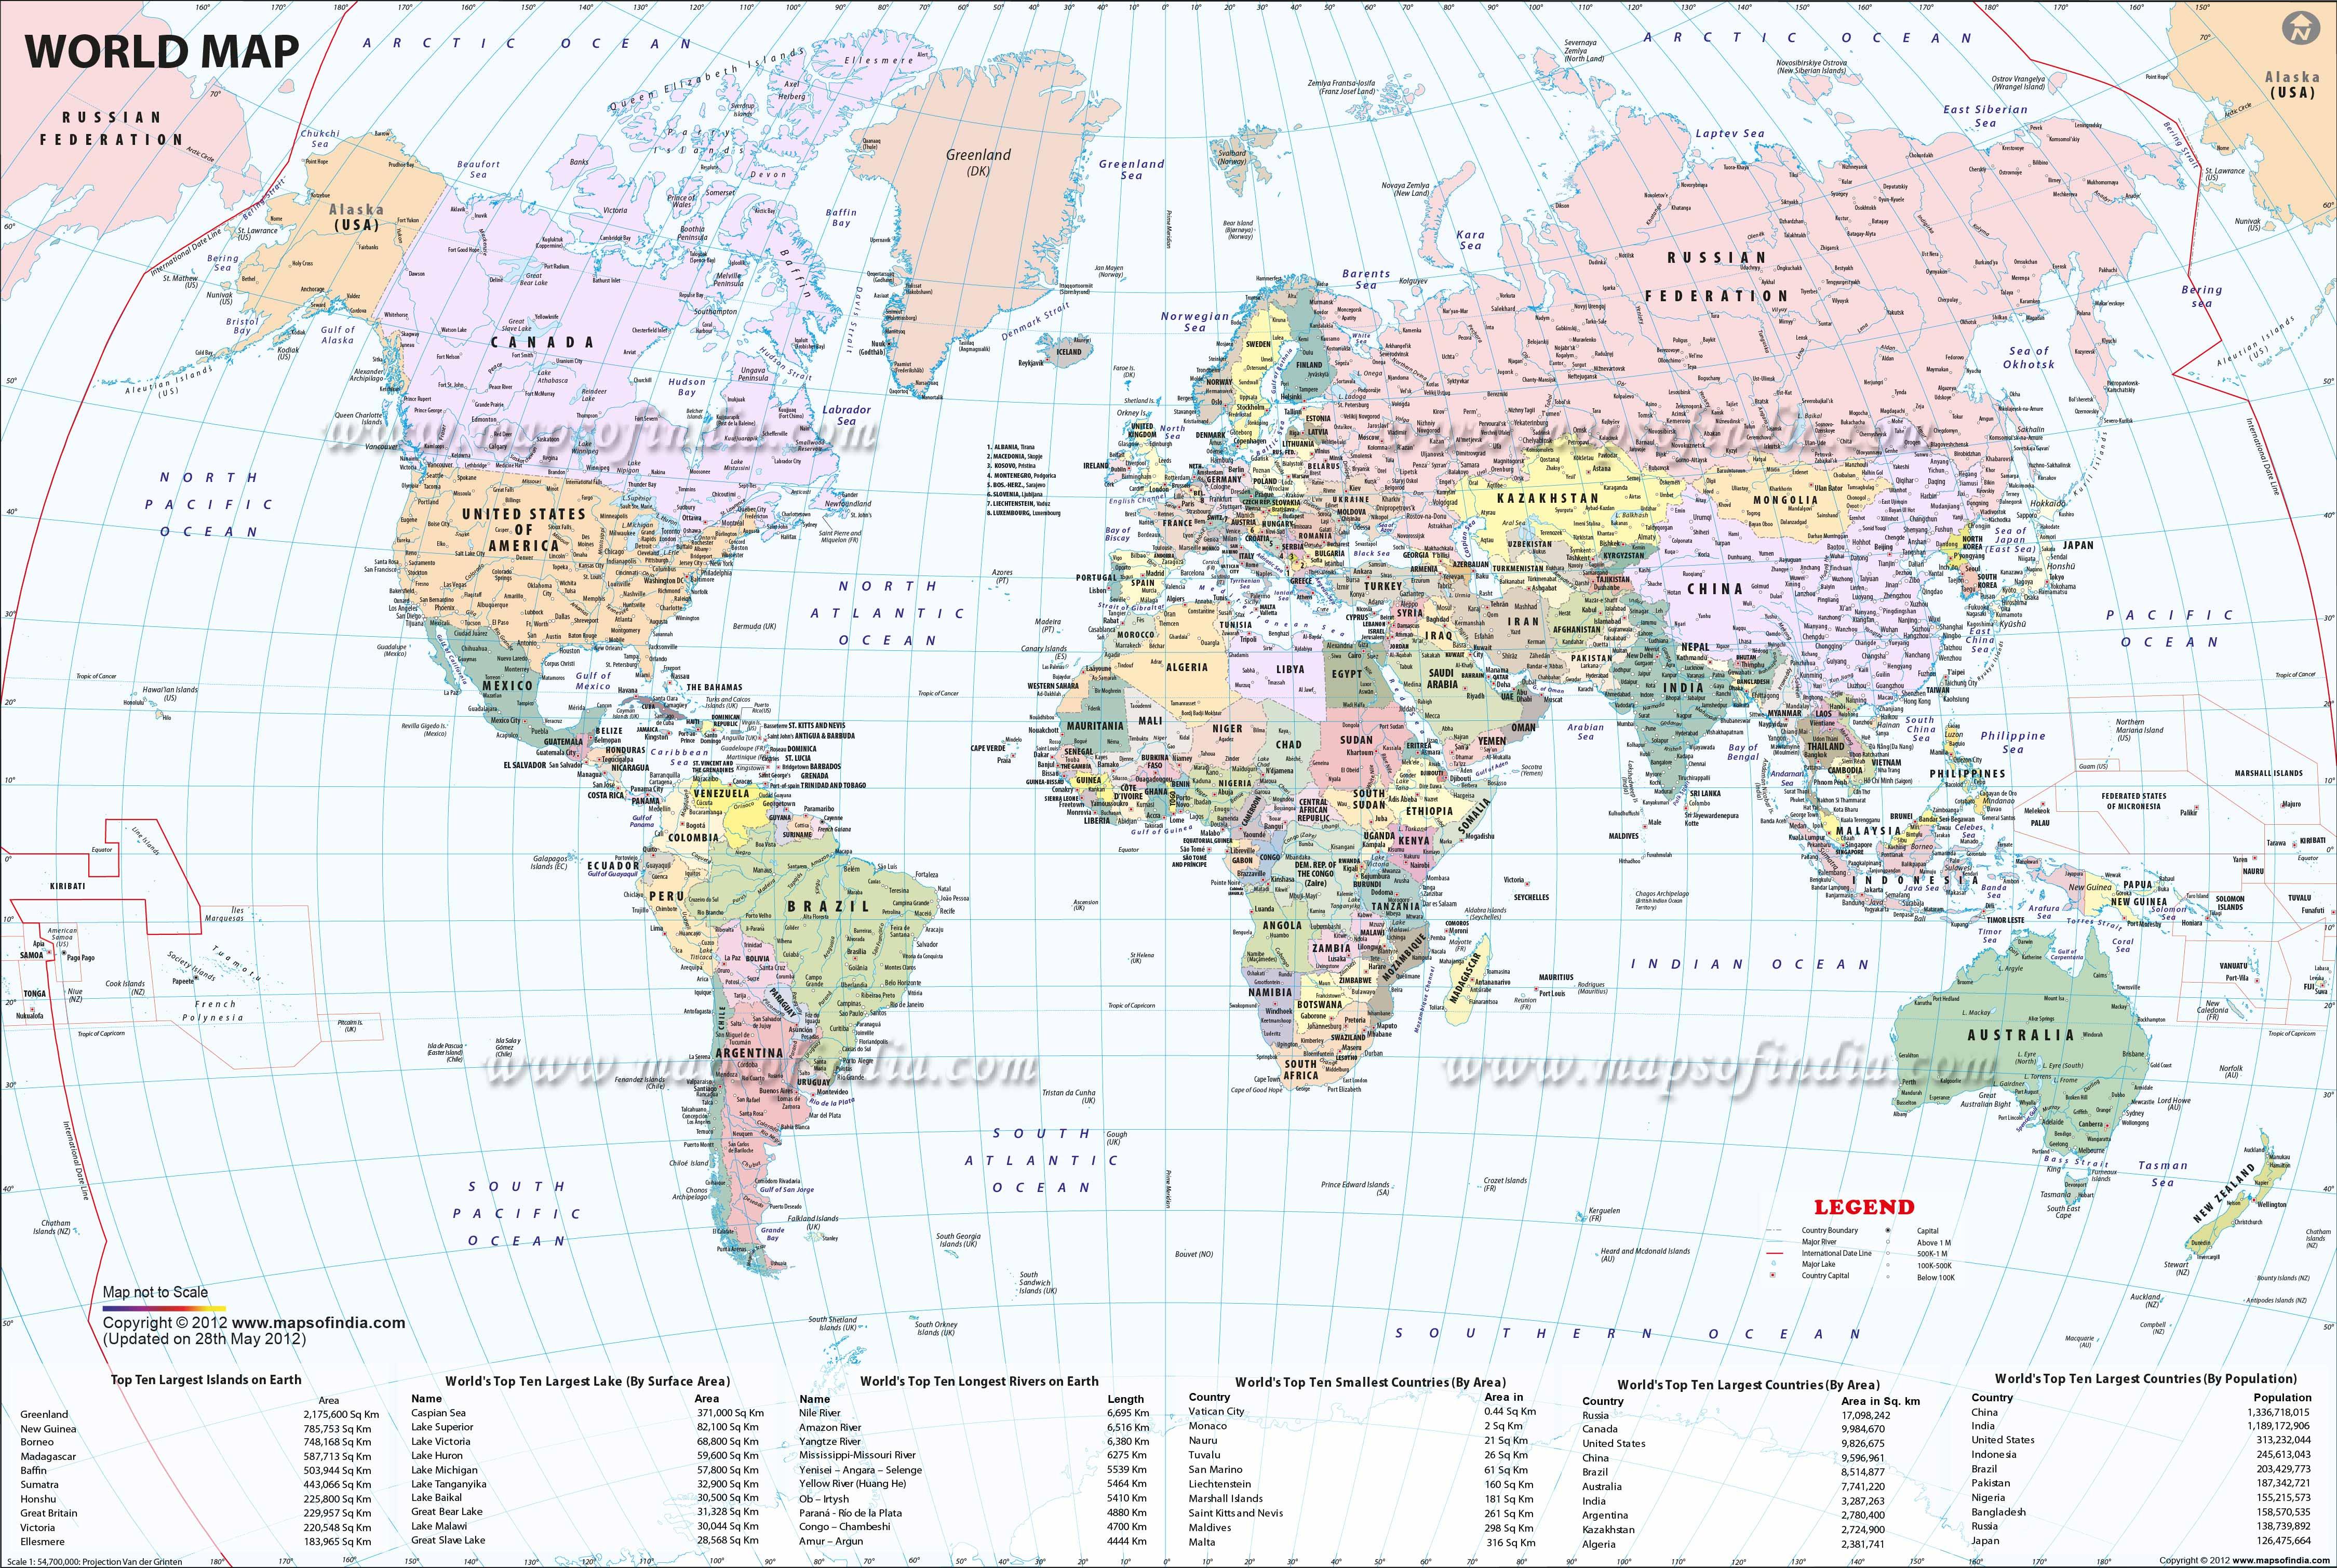 Large World Map Image - Free Printable Custom Maps